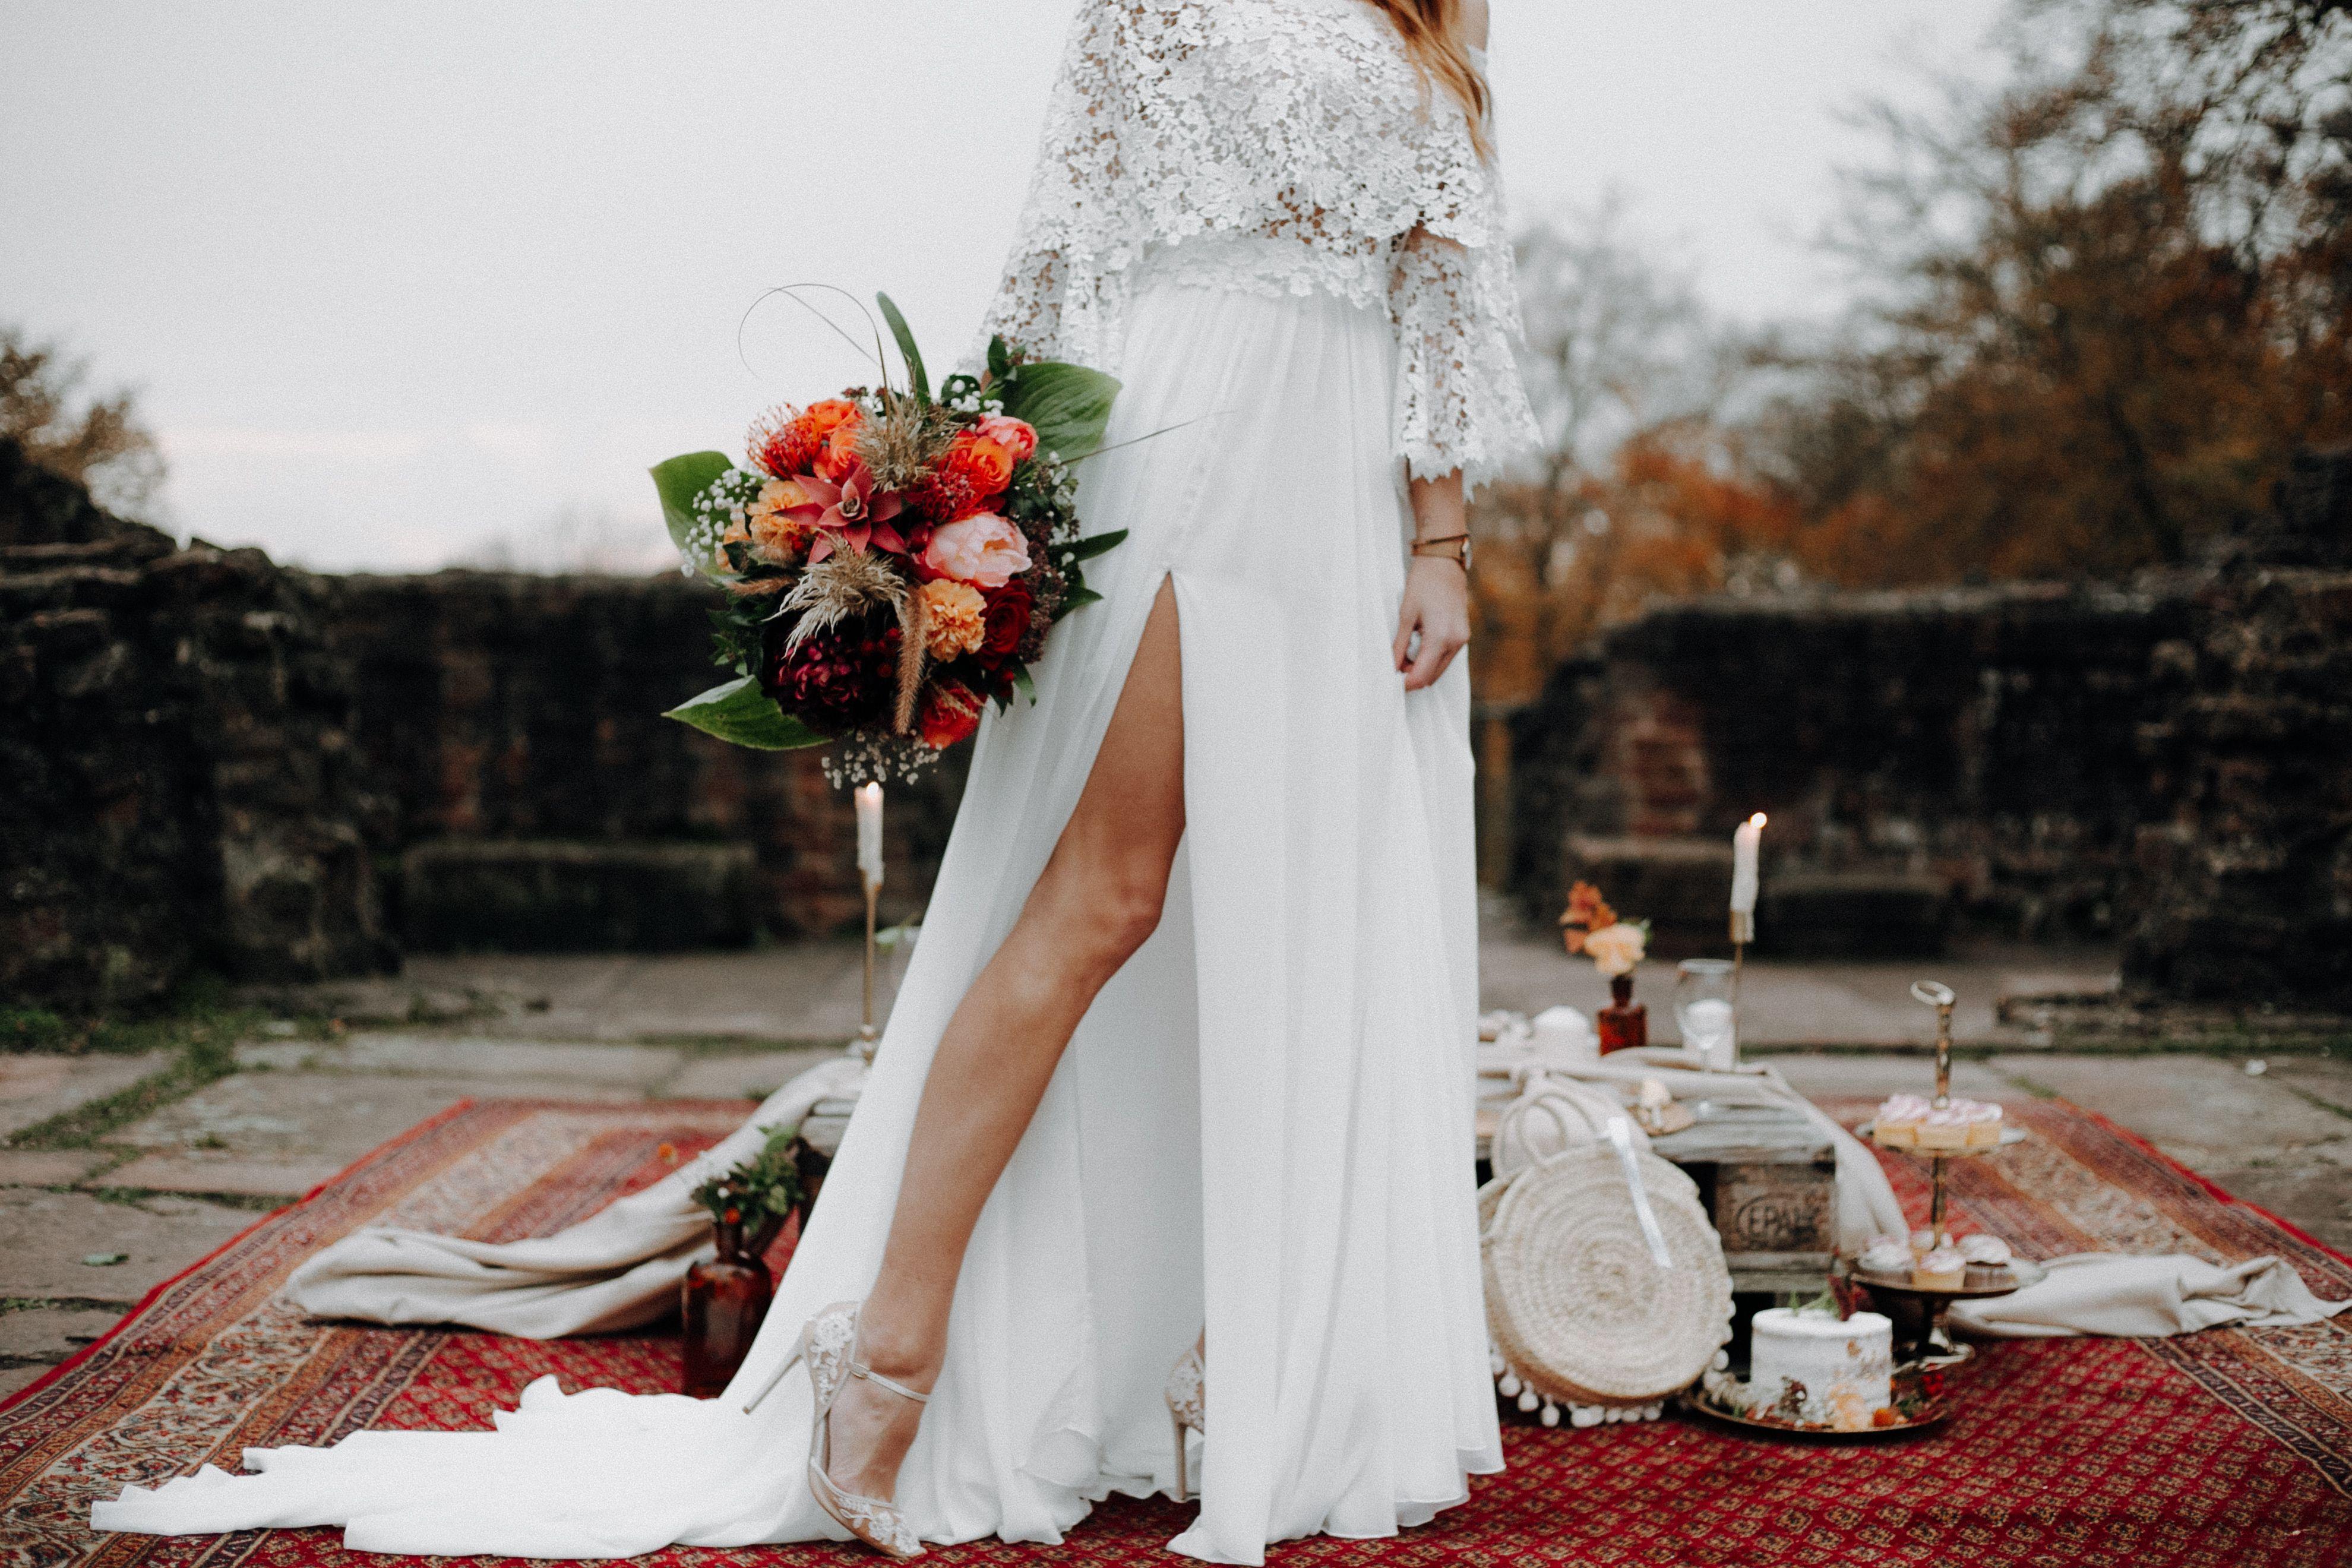 Deko Herbsthochzeit Spitzenkleid Seidenrock In 2020 Hochzeit Weisse Hochzeit Hochzeitstisch